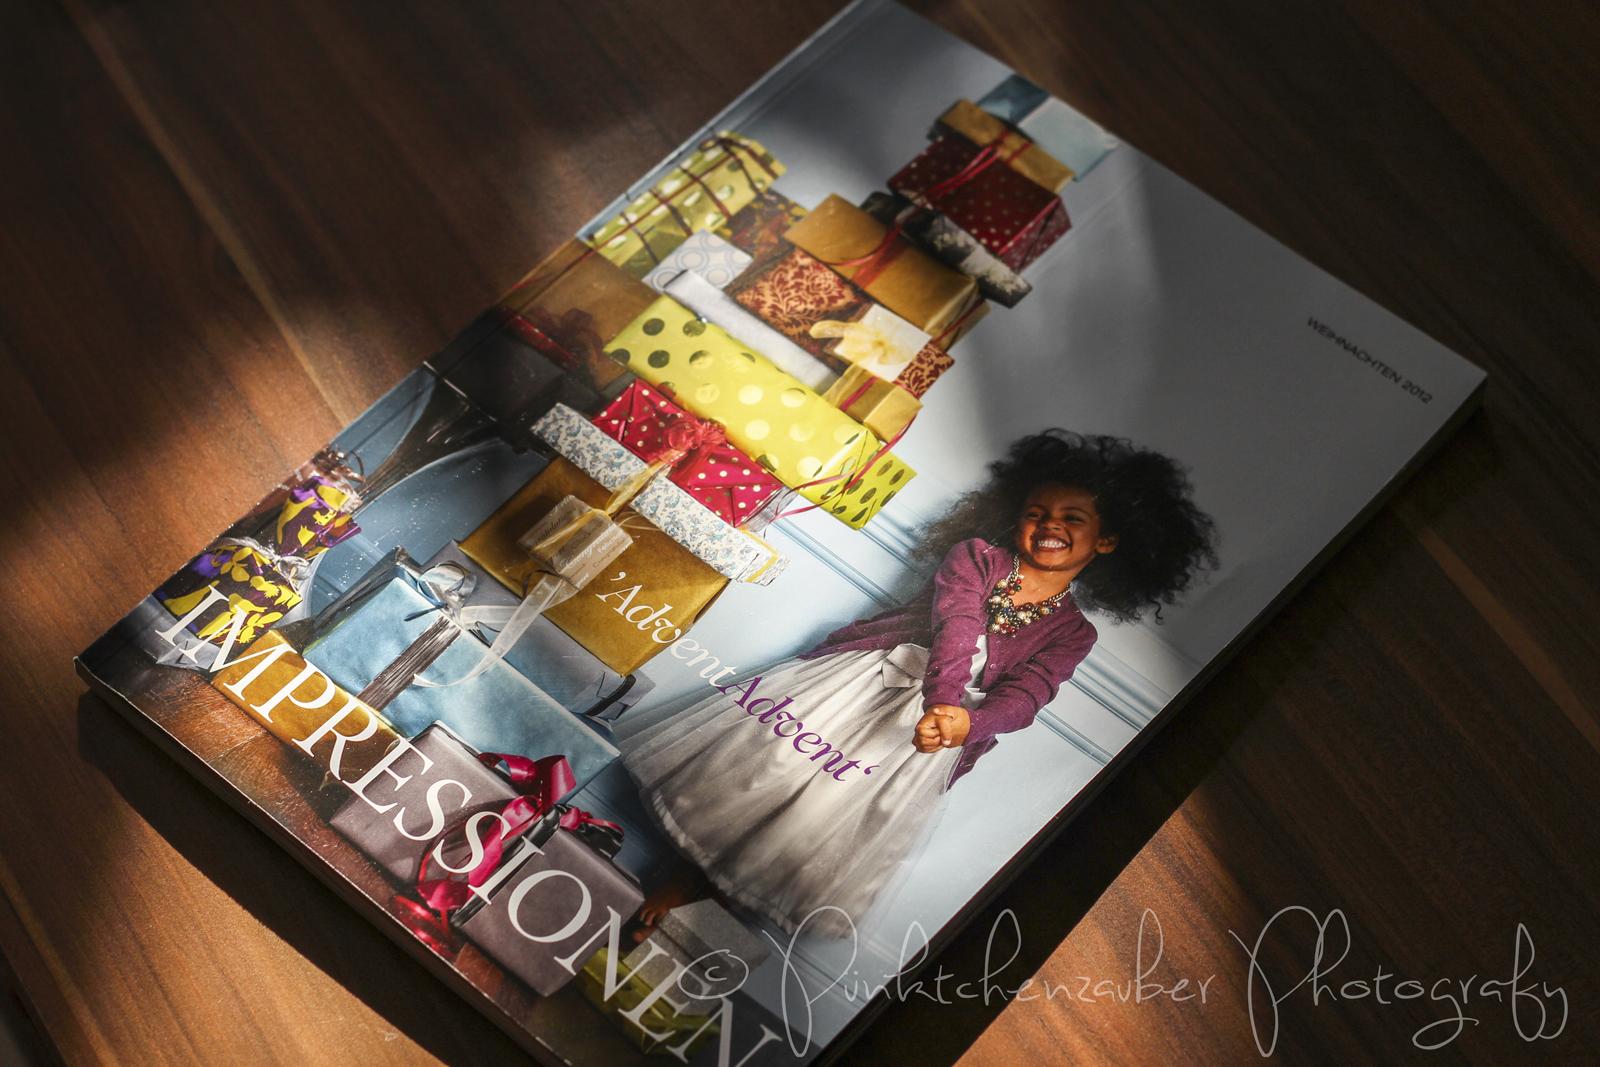 Reingeschaut Impressionen Katalog Weihnachten 2012 Pünktchenzauber